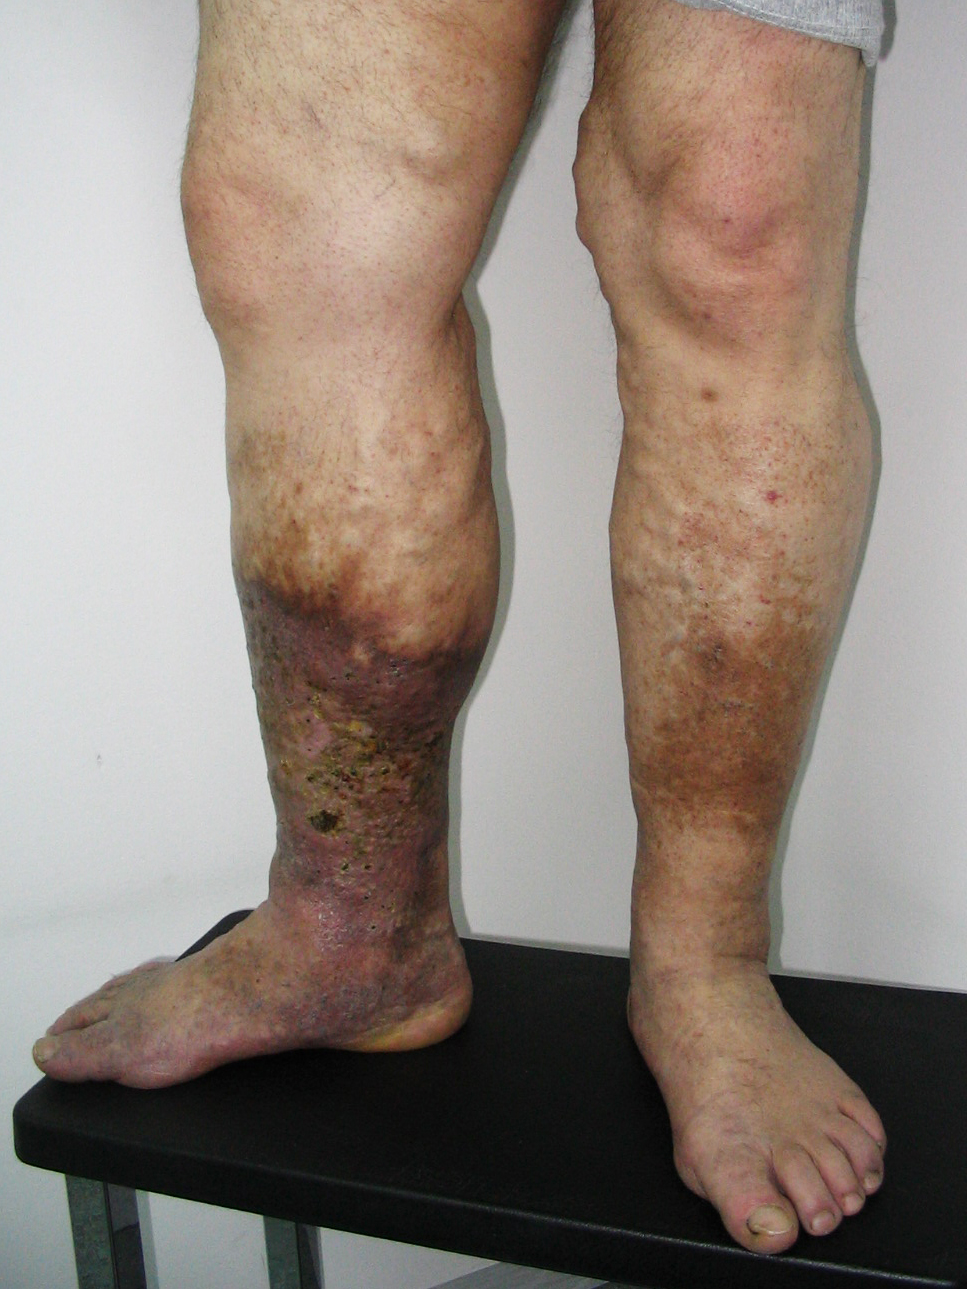 rugalmas lábmelegítők visszerek esetén